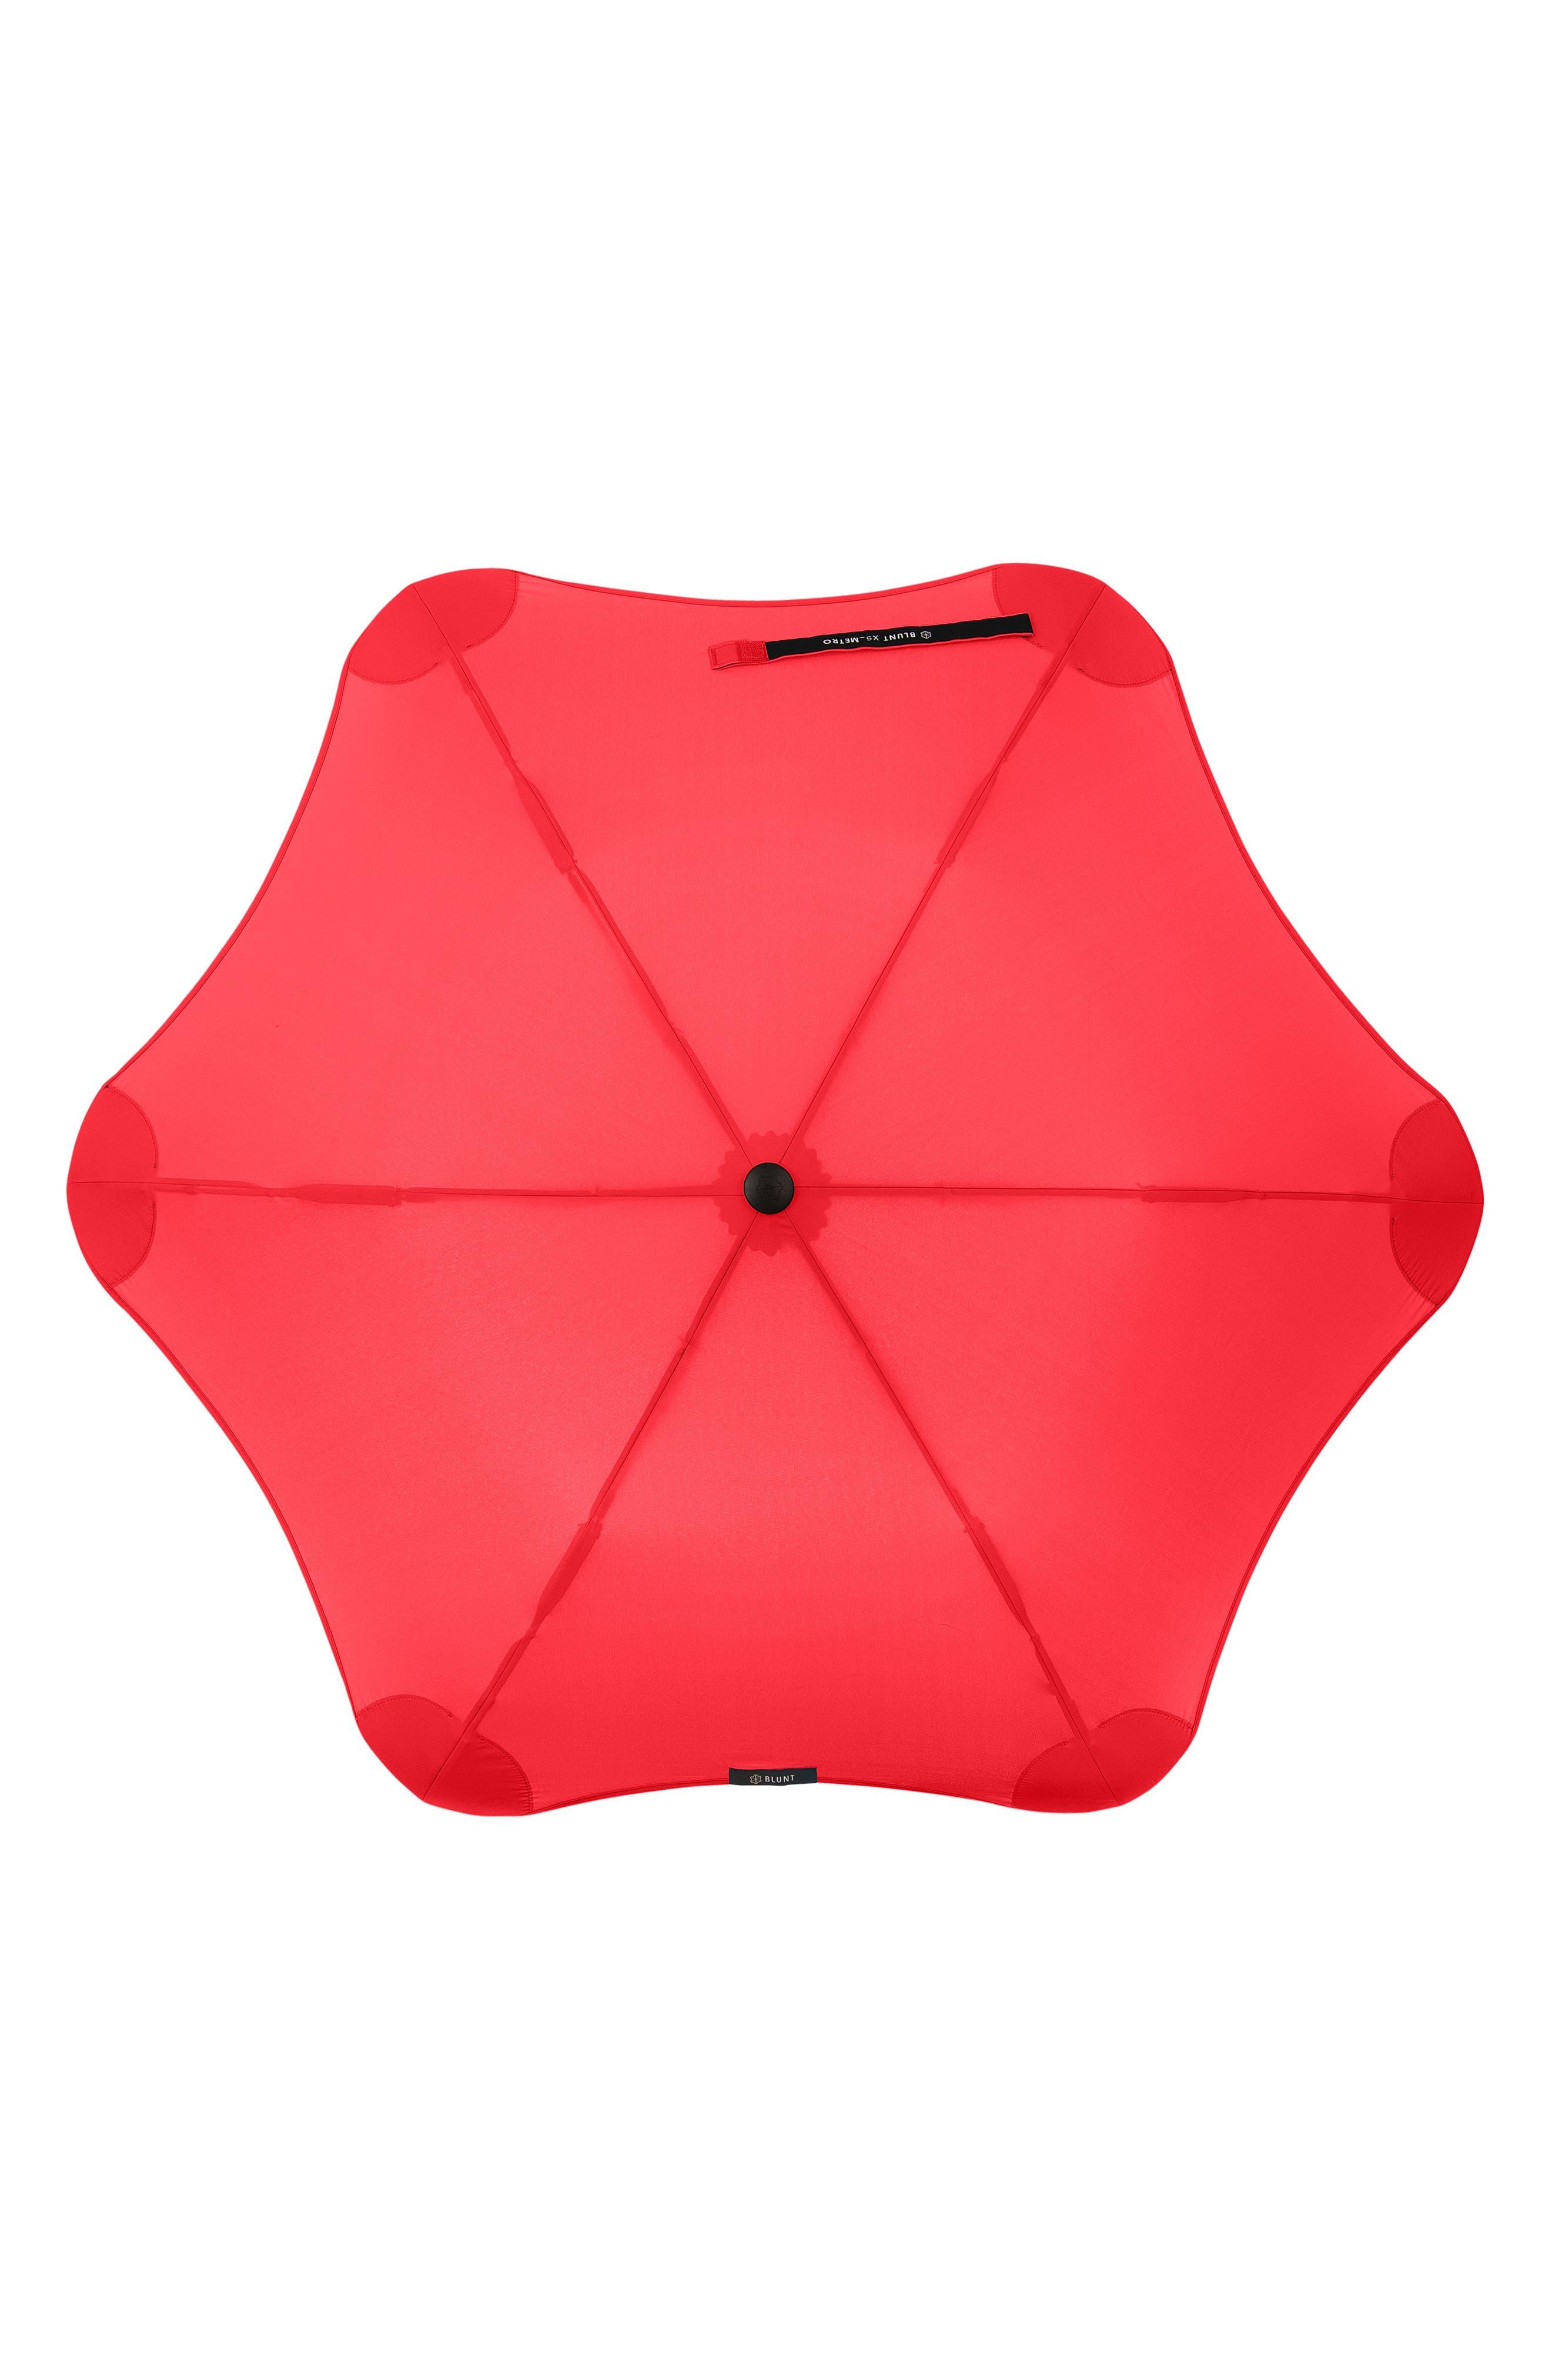 Alternate Image 2  - Blunt Metro Umbrella